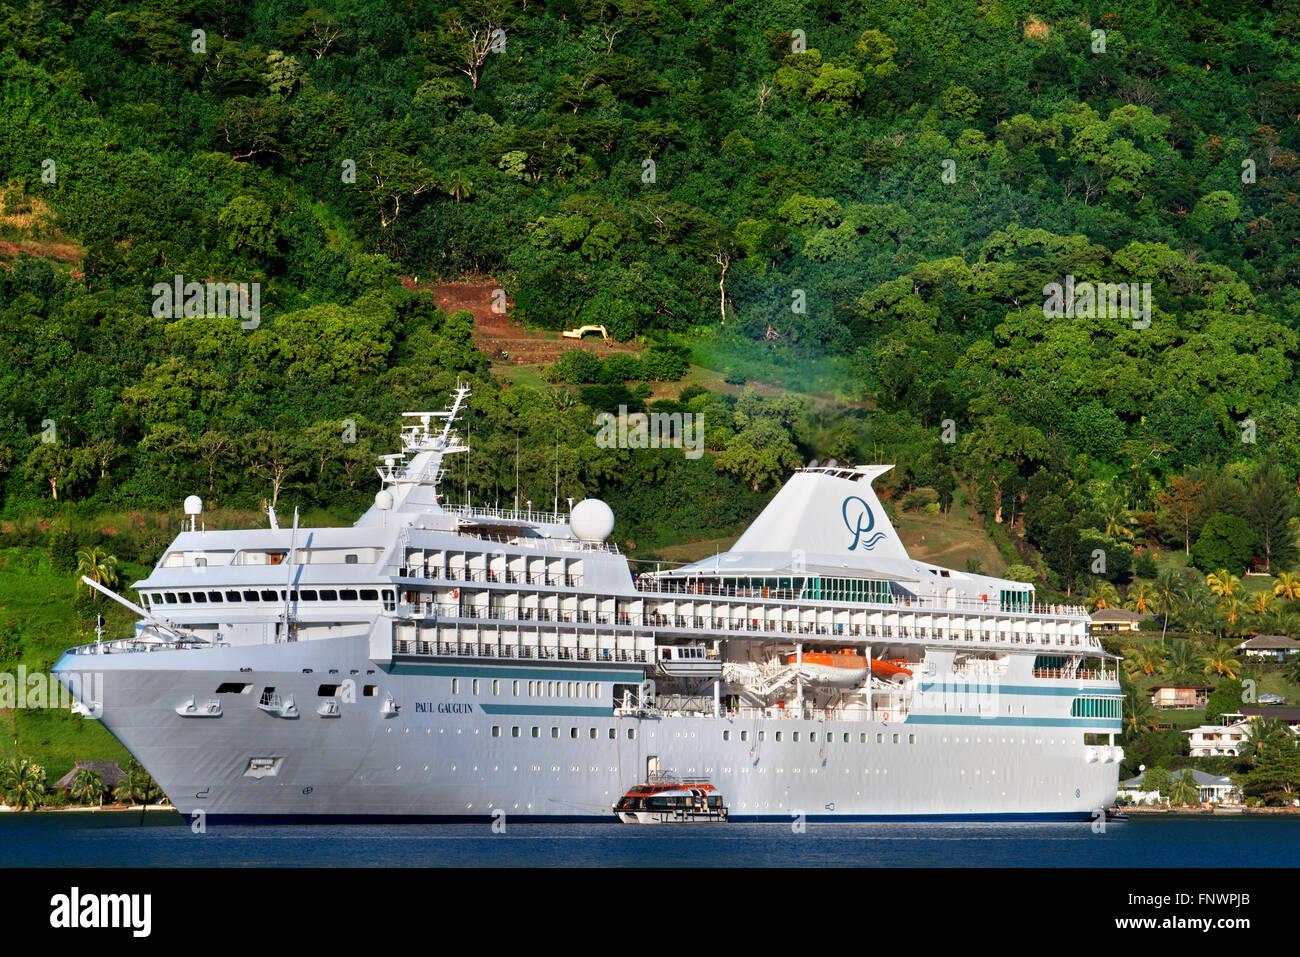 Paul Gauguin cruise anclados en Moorea, Polinesia Francesa, las Islas de la sociedad, del Pacífico Sur. Foto de stock